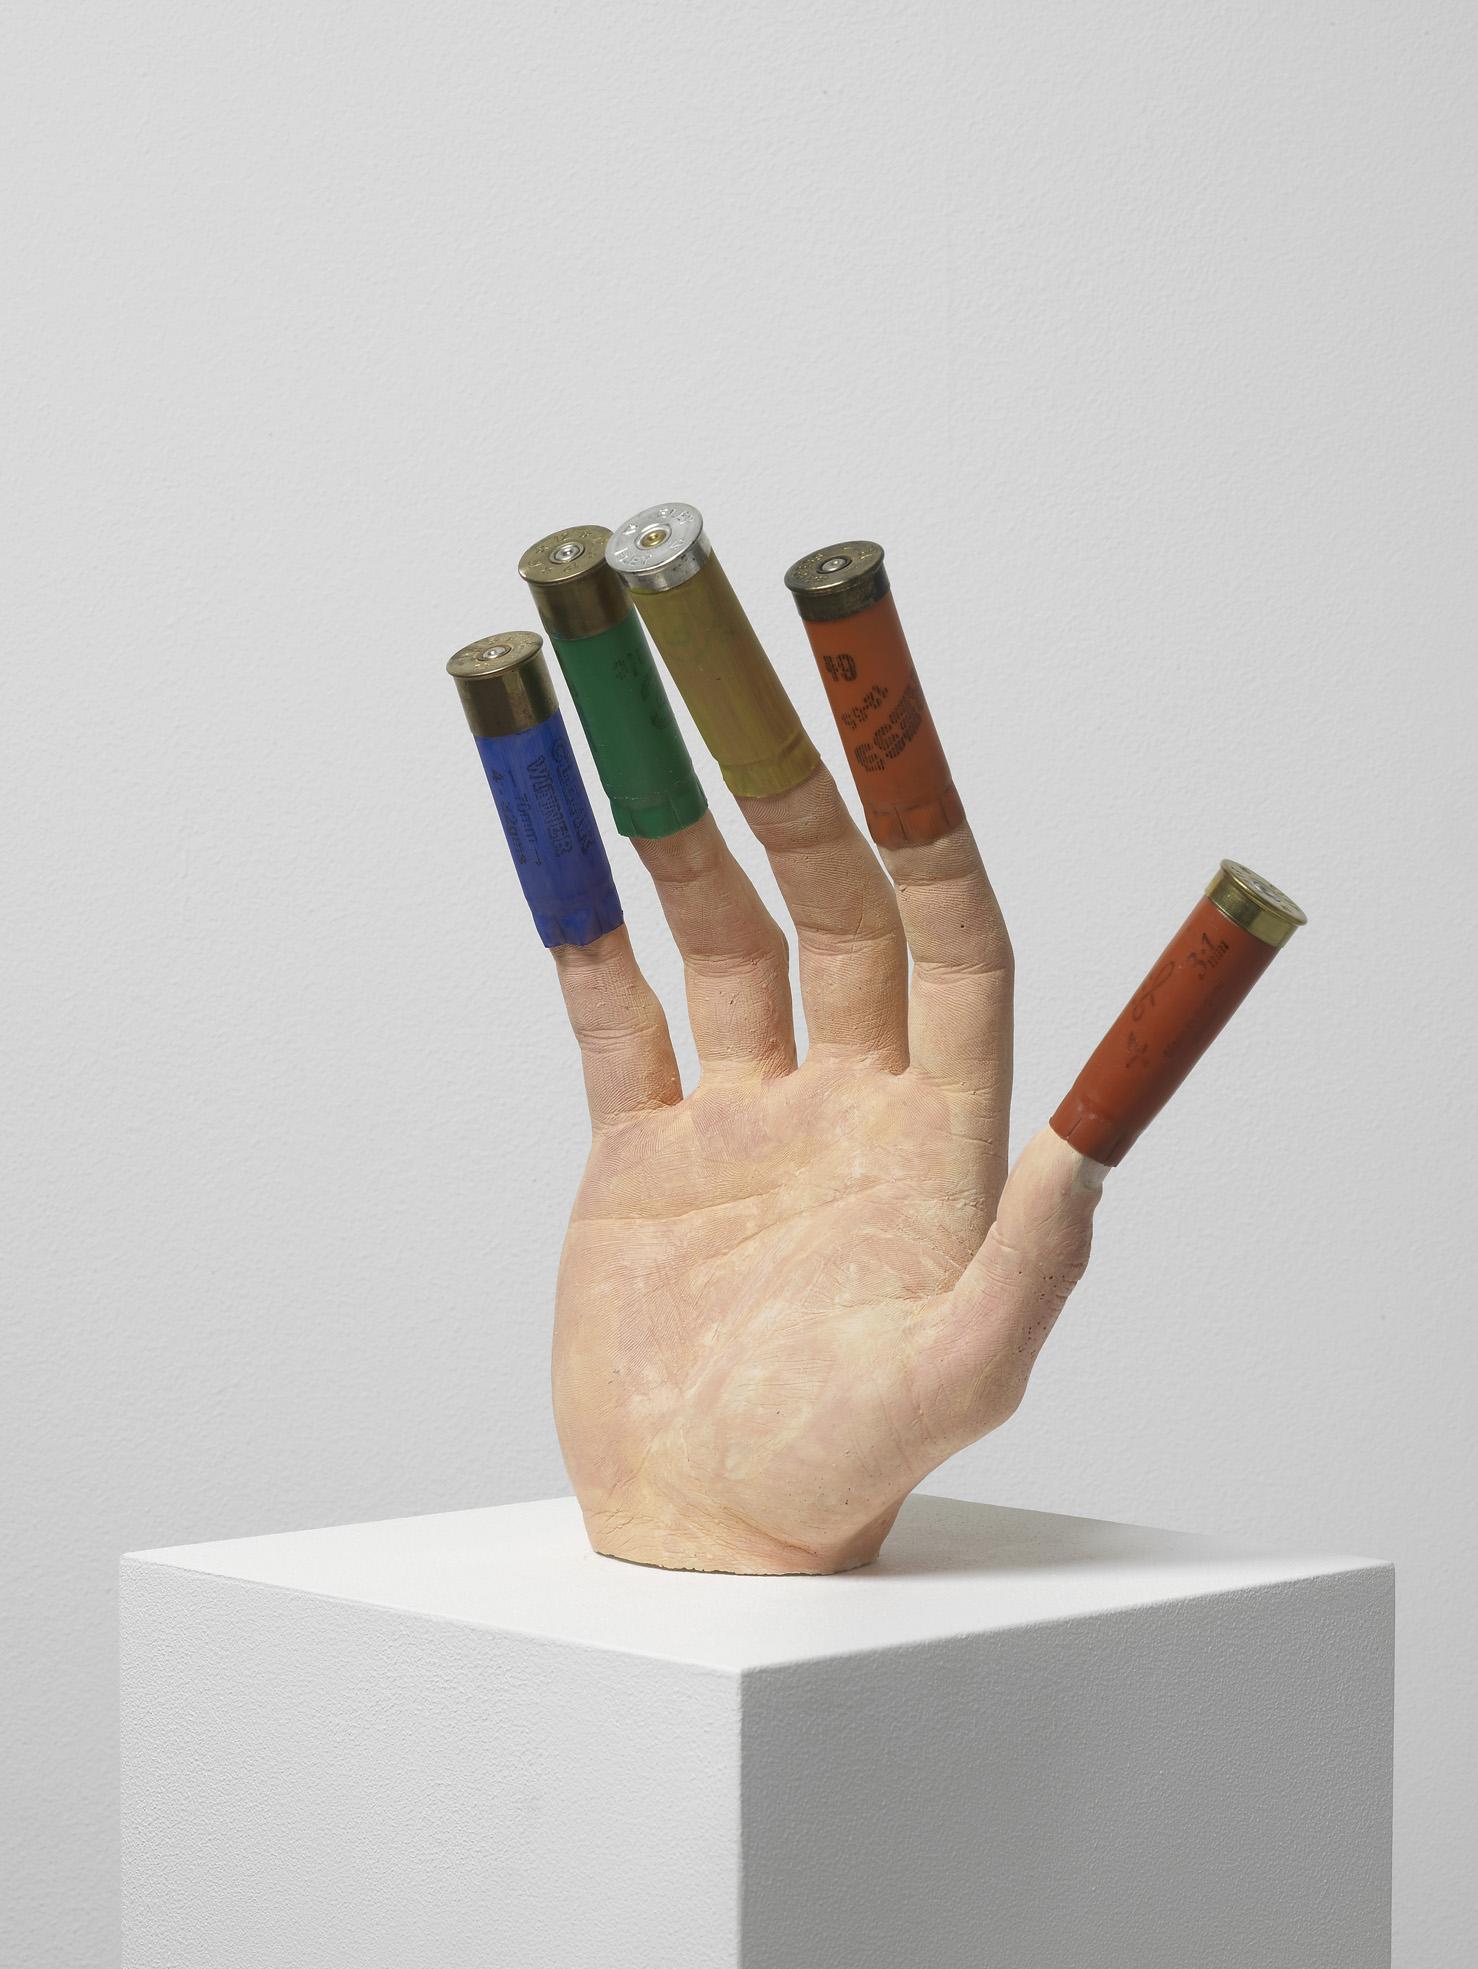 Fortune Teller 2011 Plaster, shotgun shells, paint Sculpture: 23 x 28 x 10 cm / 9 x 11 x 3.9 in,Plinth:120 x 20 x 37 / 47.2 x 7.8 x 14.5 in